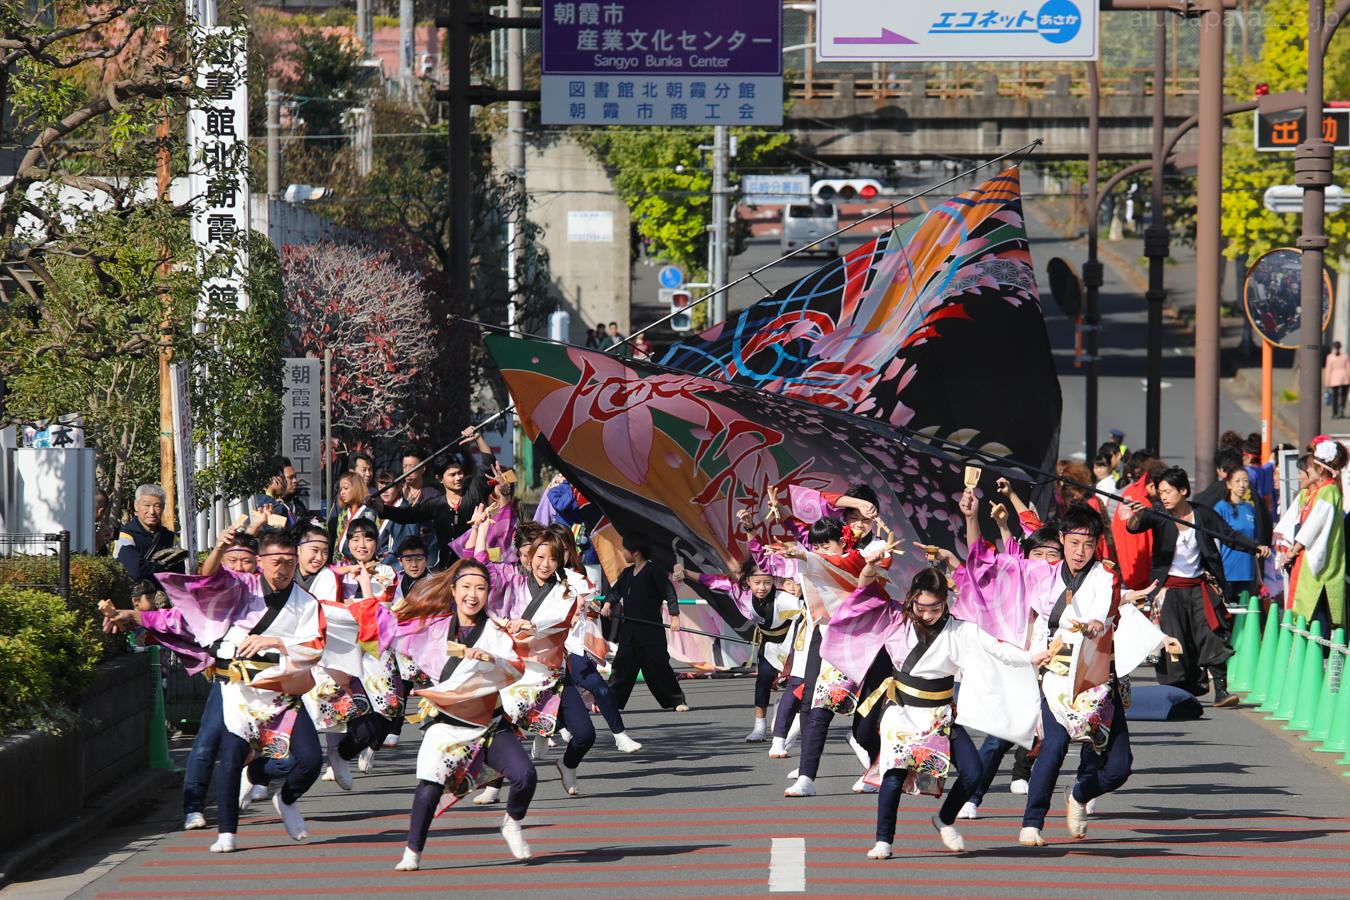 kabuki2016ran_oyachai-5.jpg